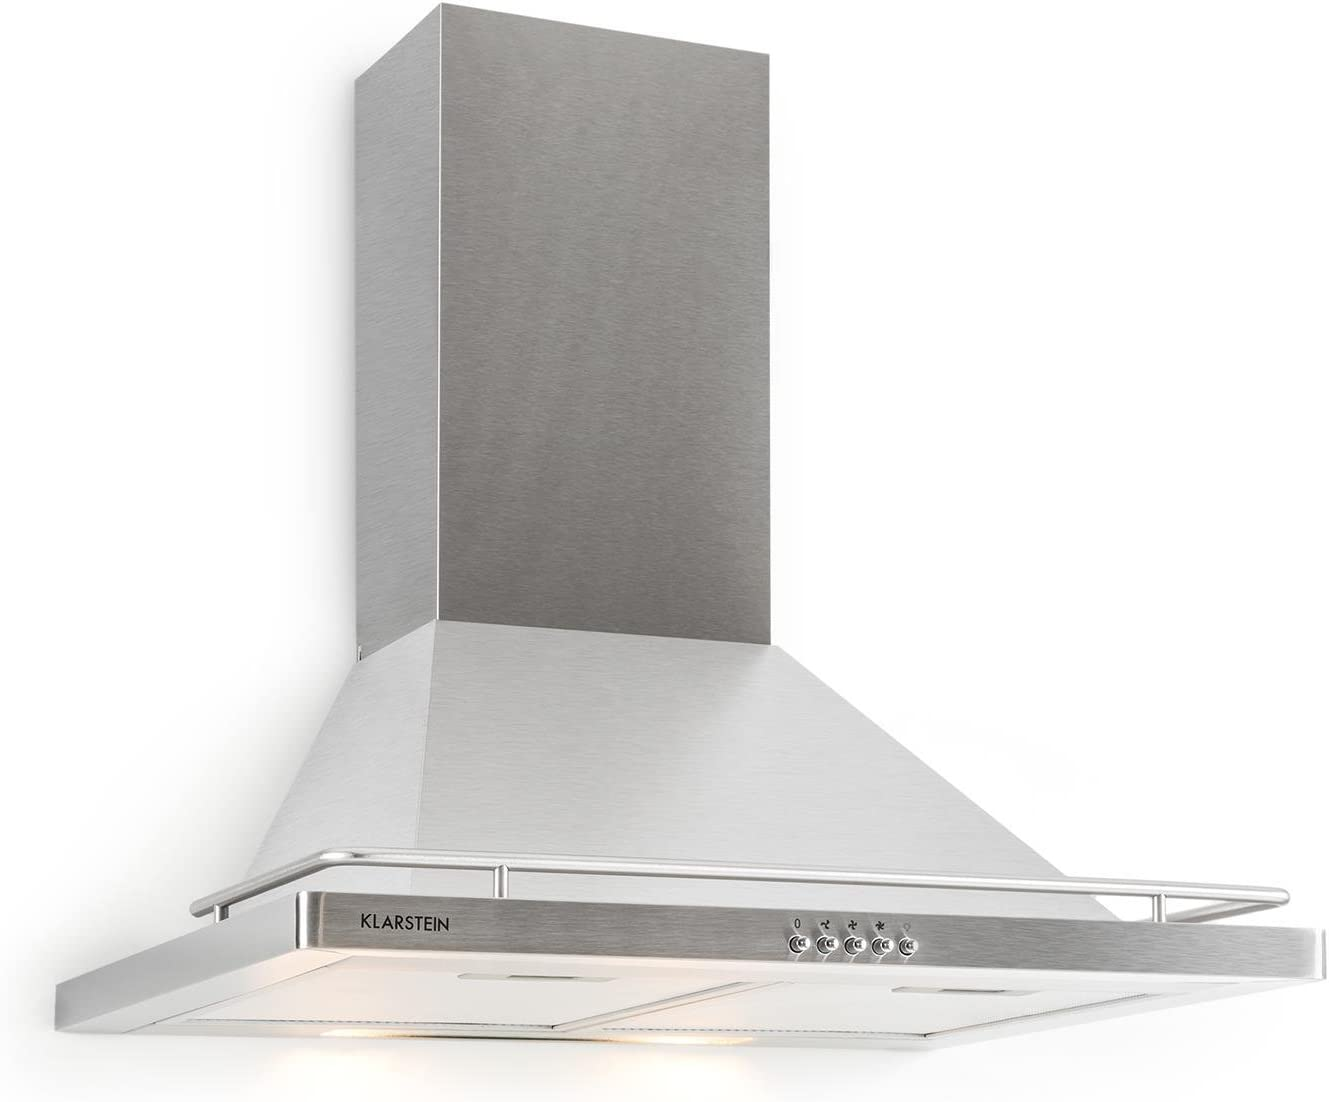 KLARSTEIN Timea campana extractora (capacidad extractora de 416m³/h, 60 cm, acero inoxidable, montaje en pared, 3 potencias, filtro aluminio apto lavavajillas, bajo nivel de ruido)